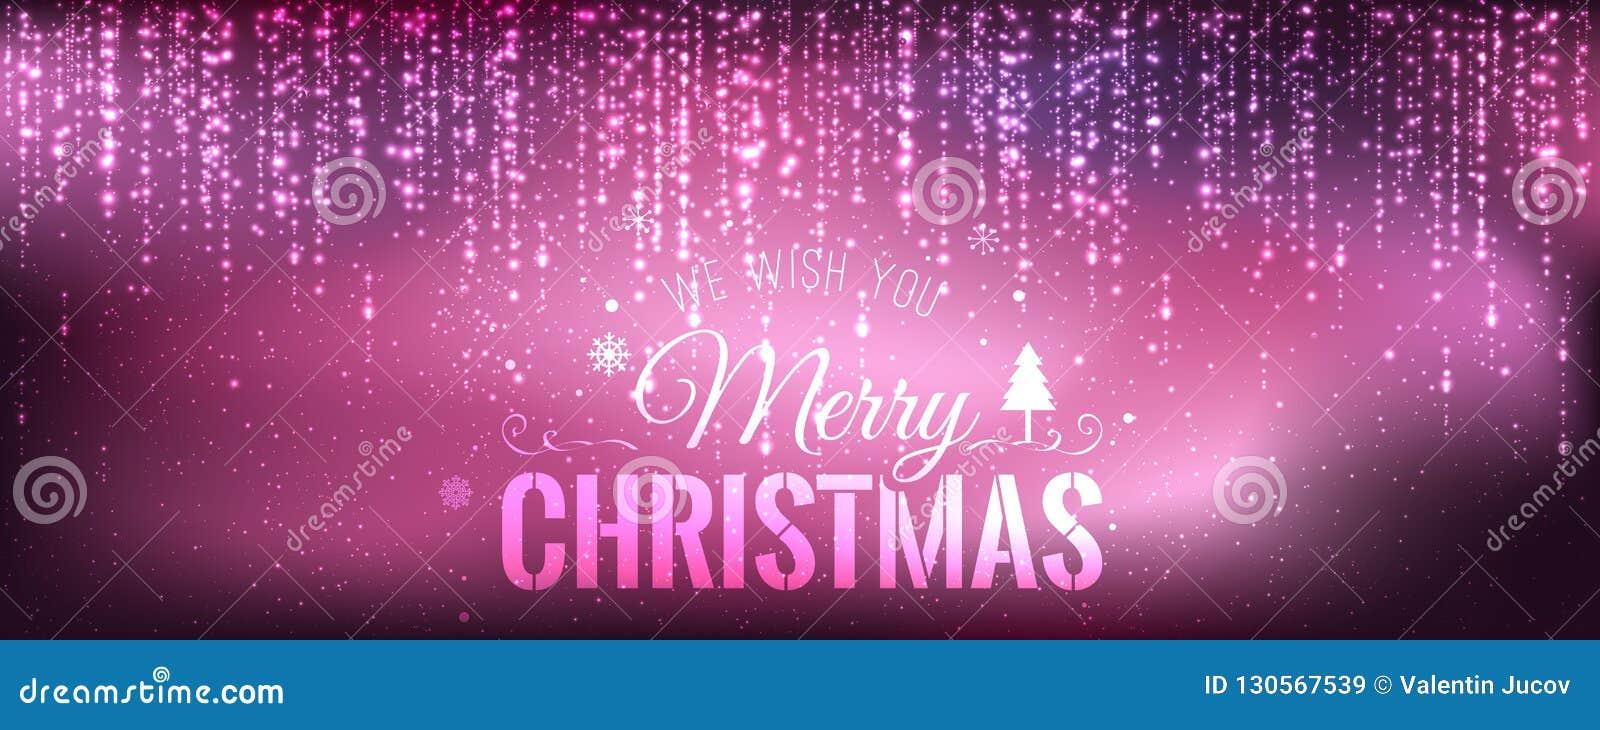 Χριστούγεννα και νέο έτος τυπογραφικά στο πορφυρό υπόβαθρο με την ανάφλεξη, φως, αστέρια